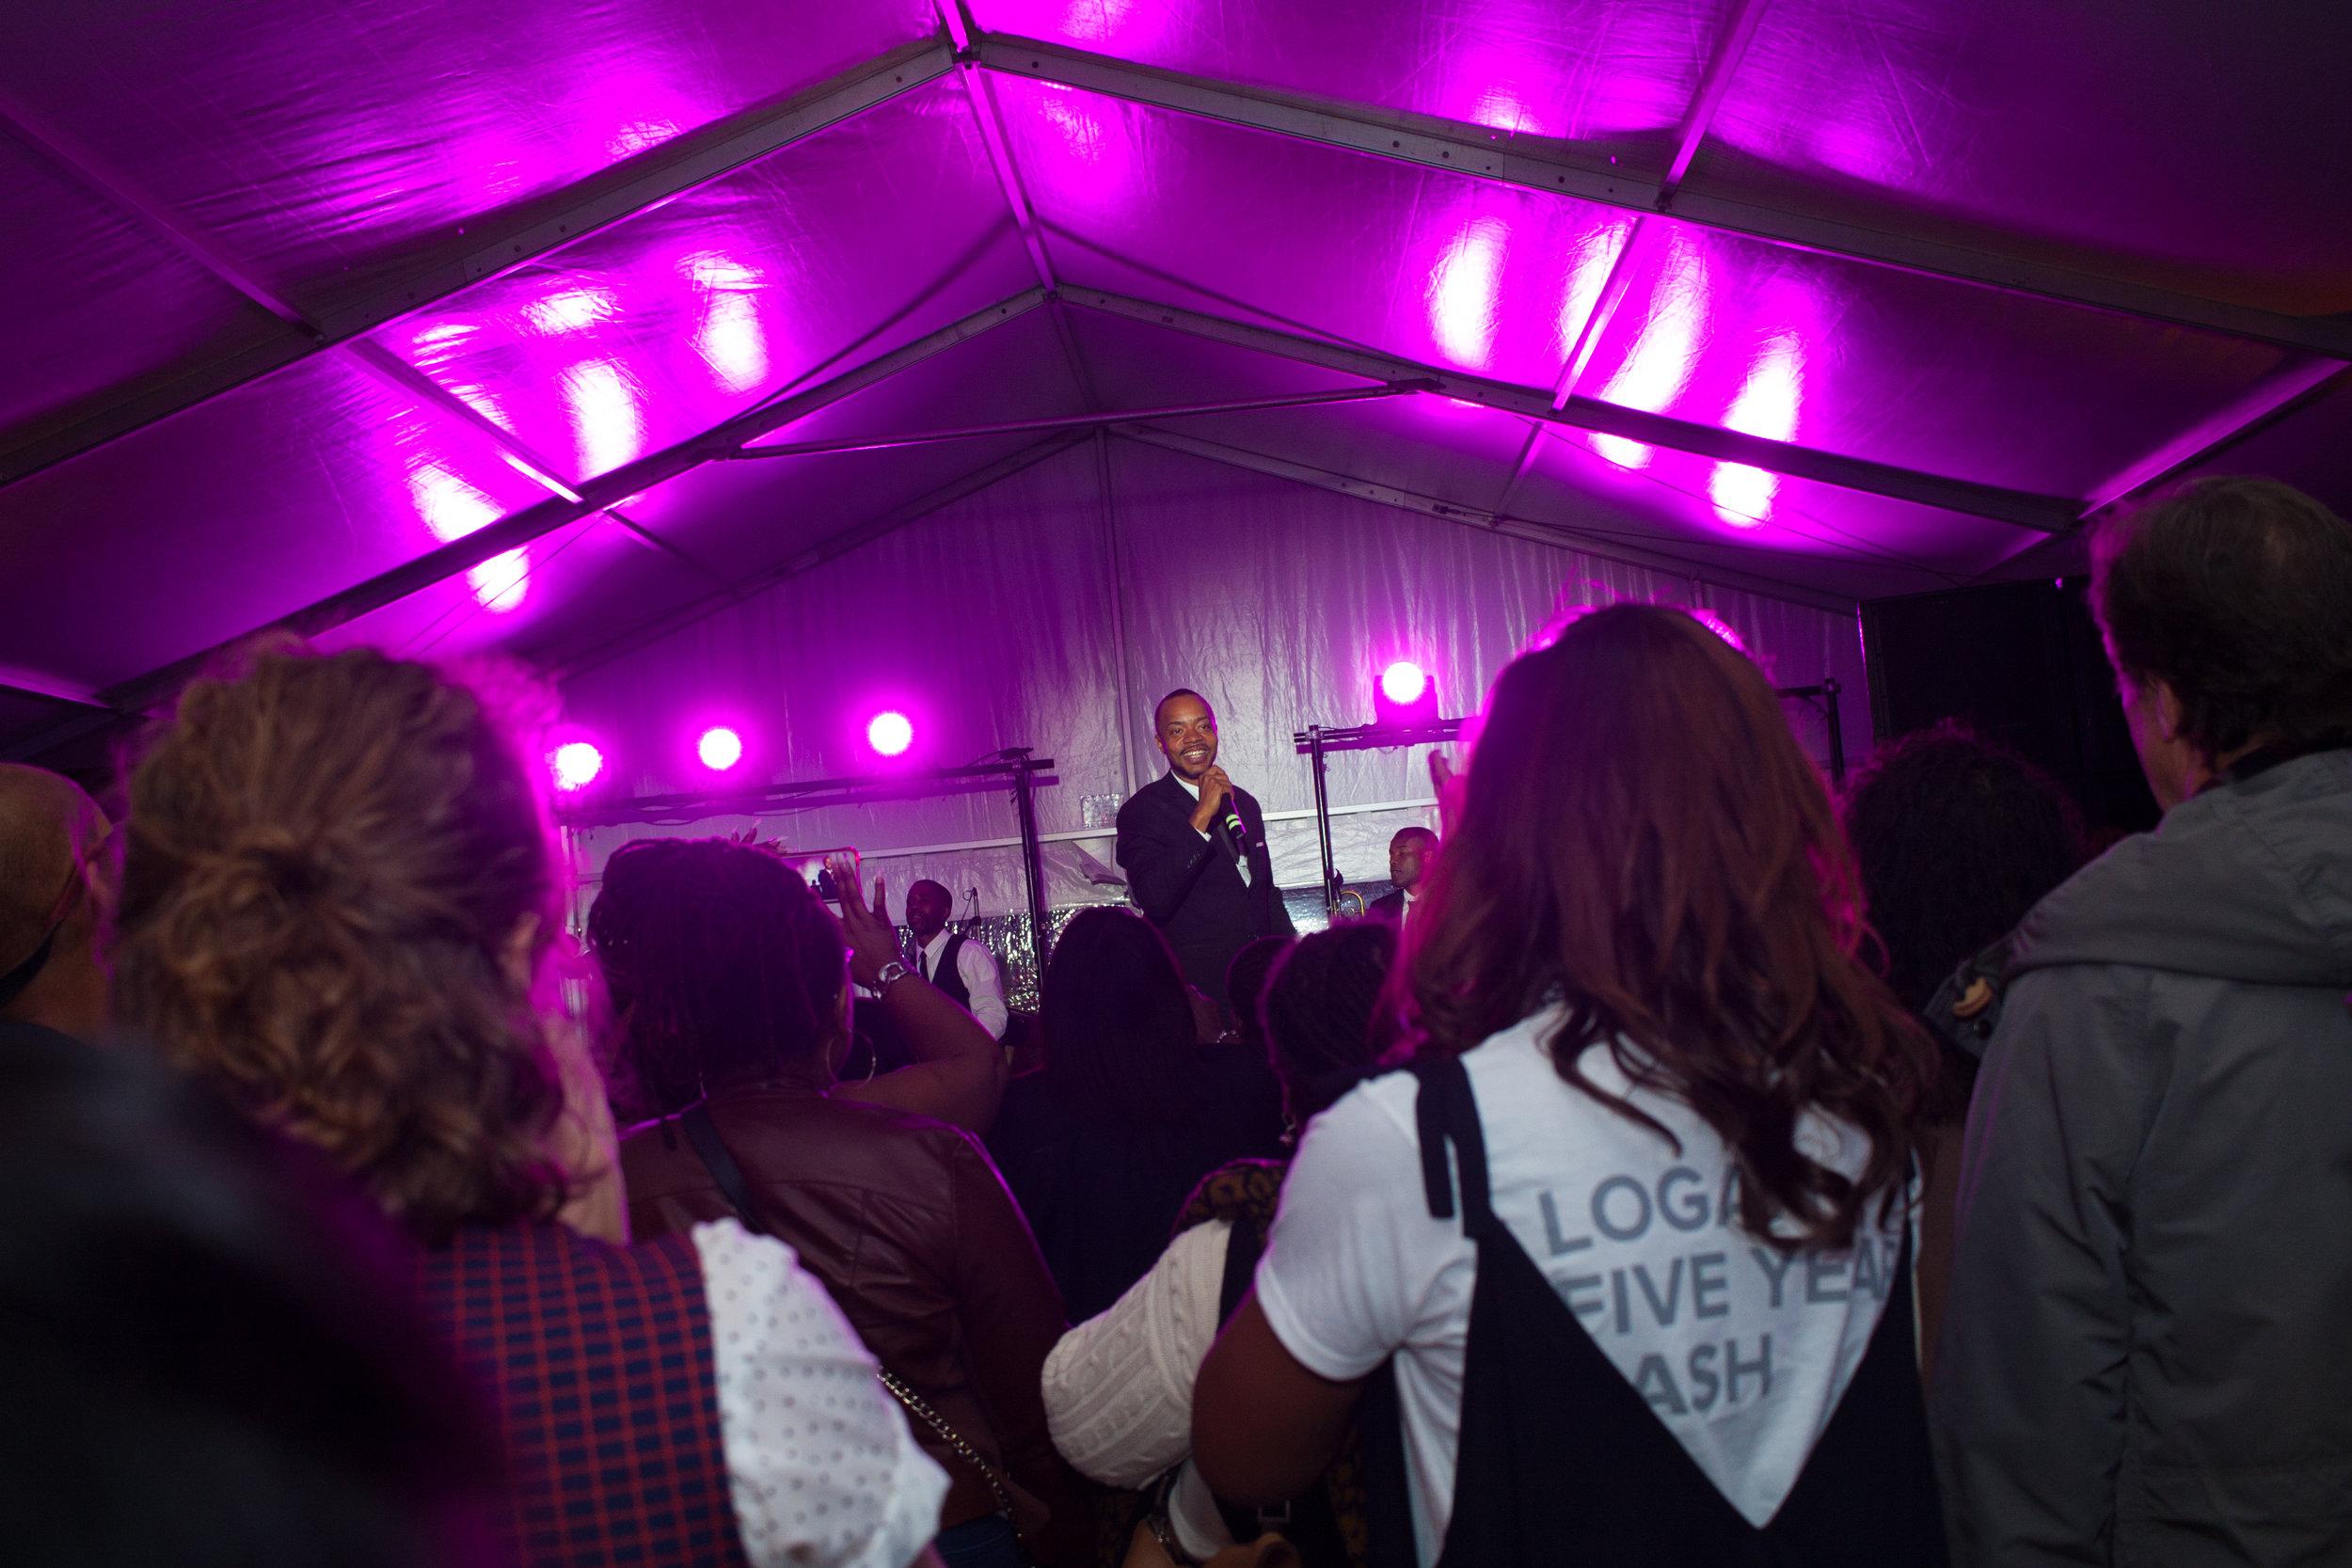 10.07.17_LoganFiveYearBash_Highlights_KelseyAkers-30.jpg